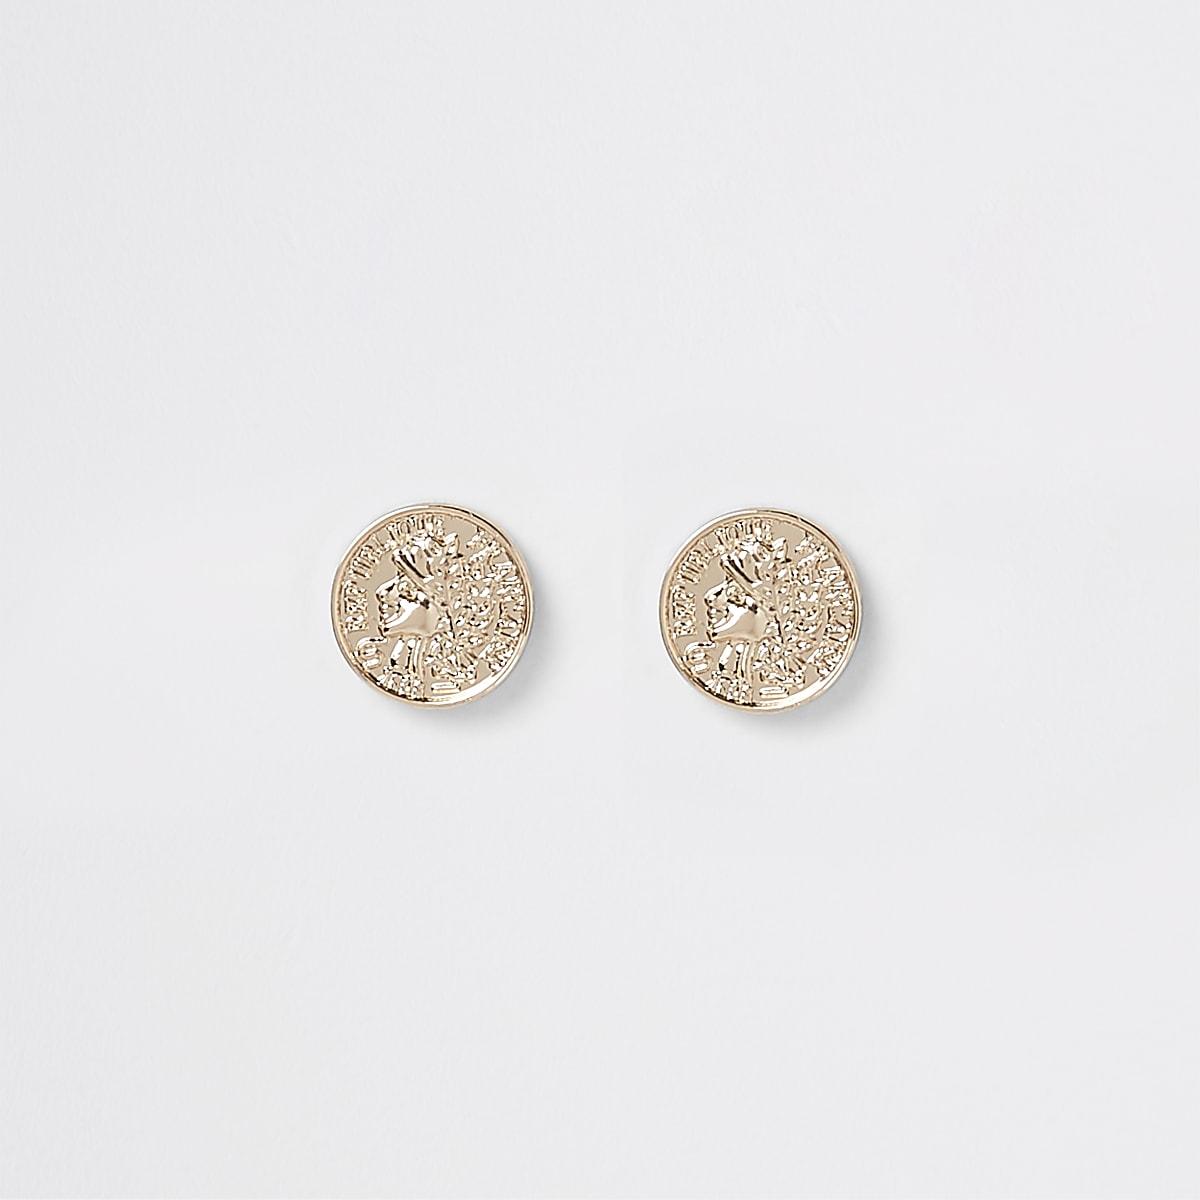 Clous d'oreilles pièces dorés